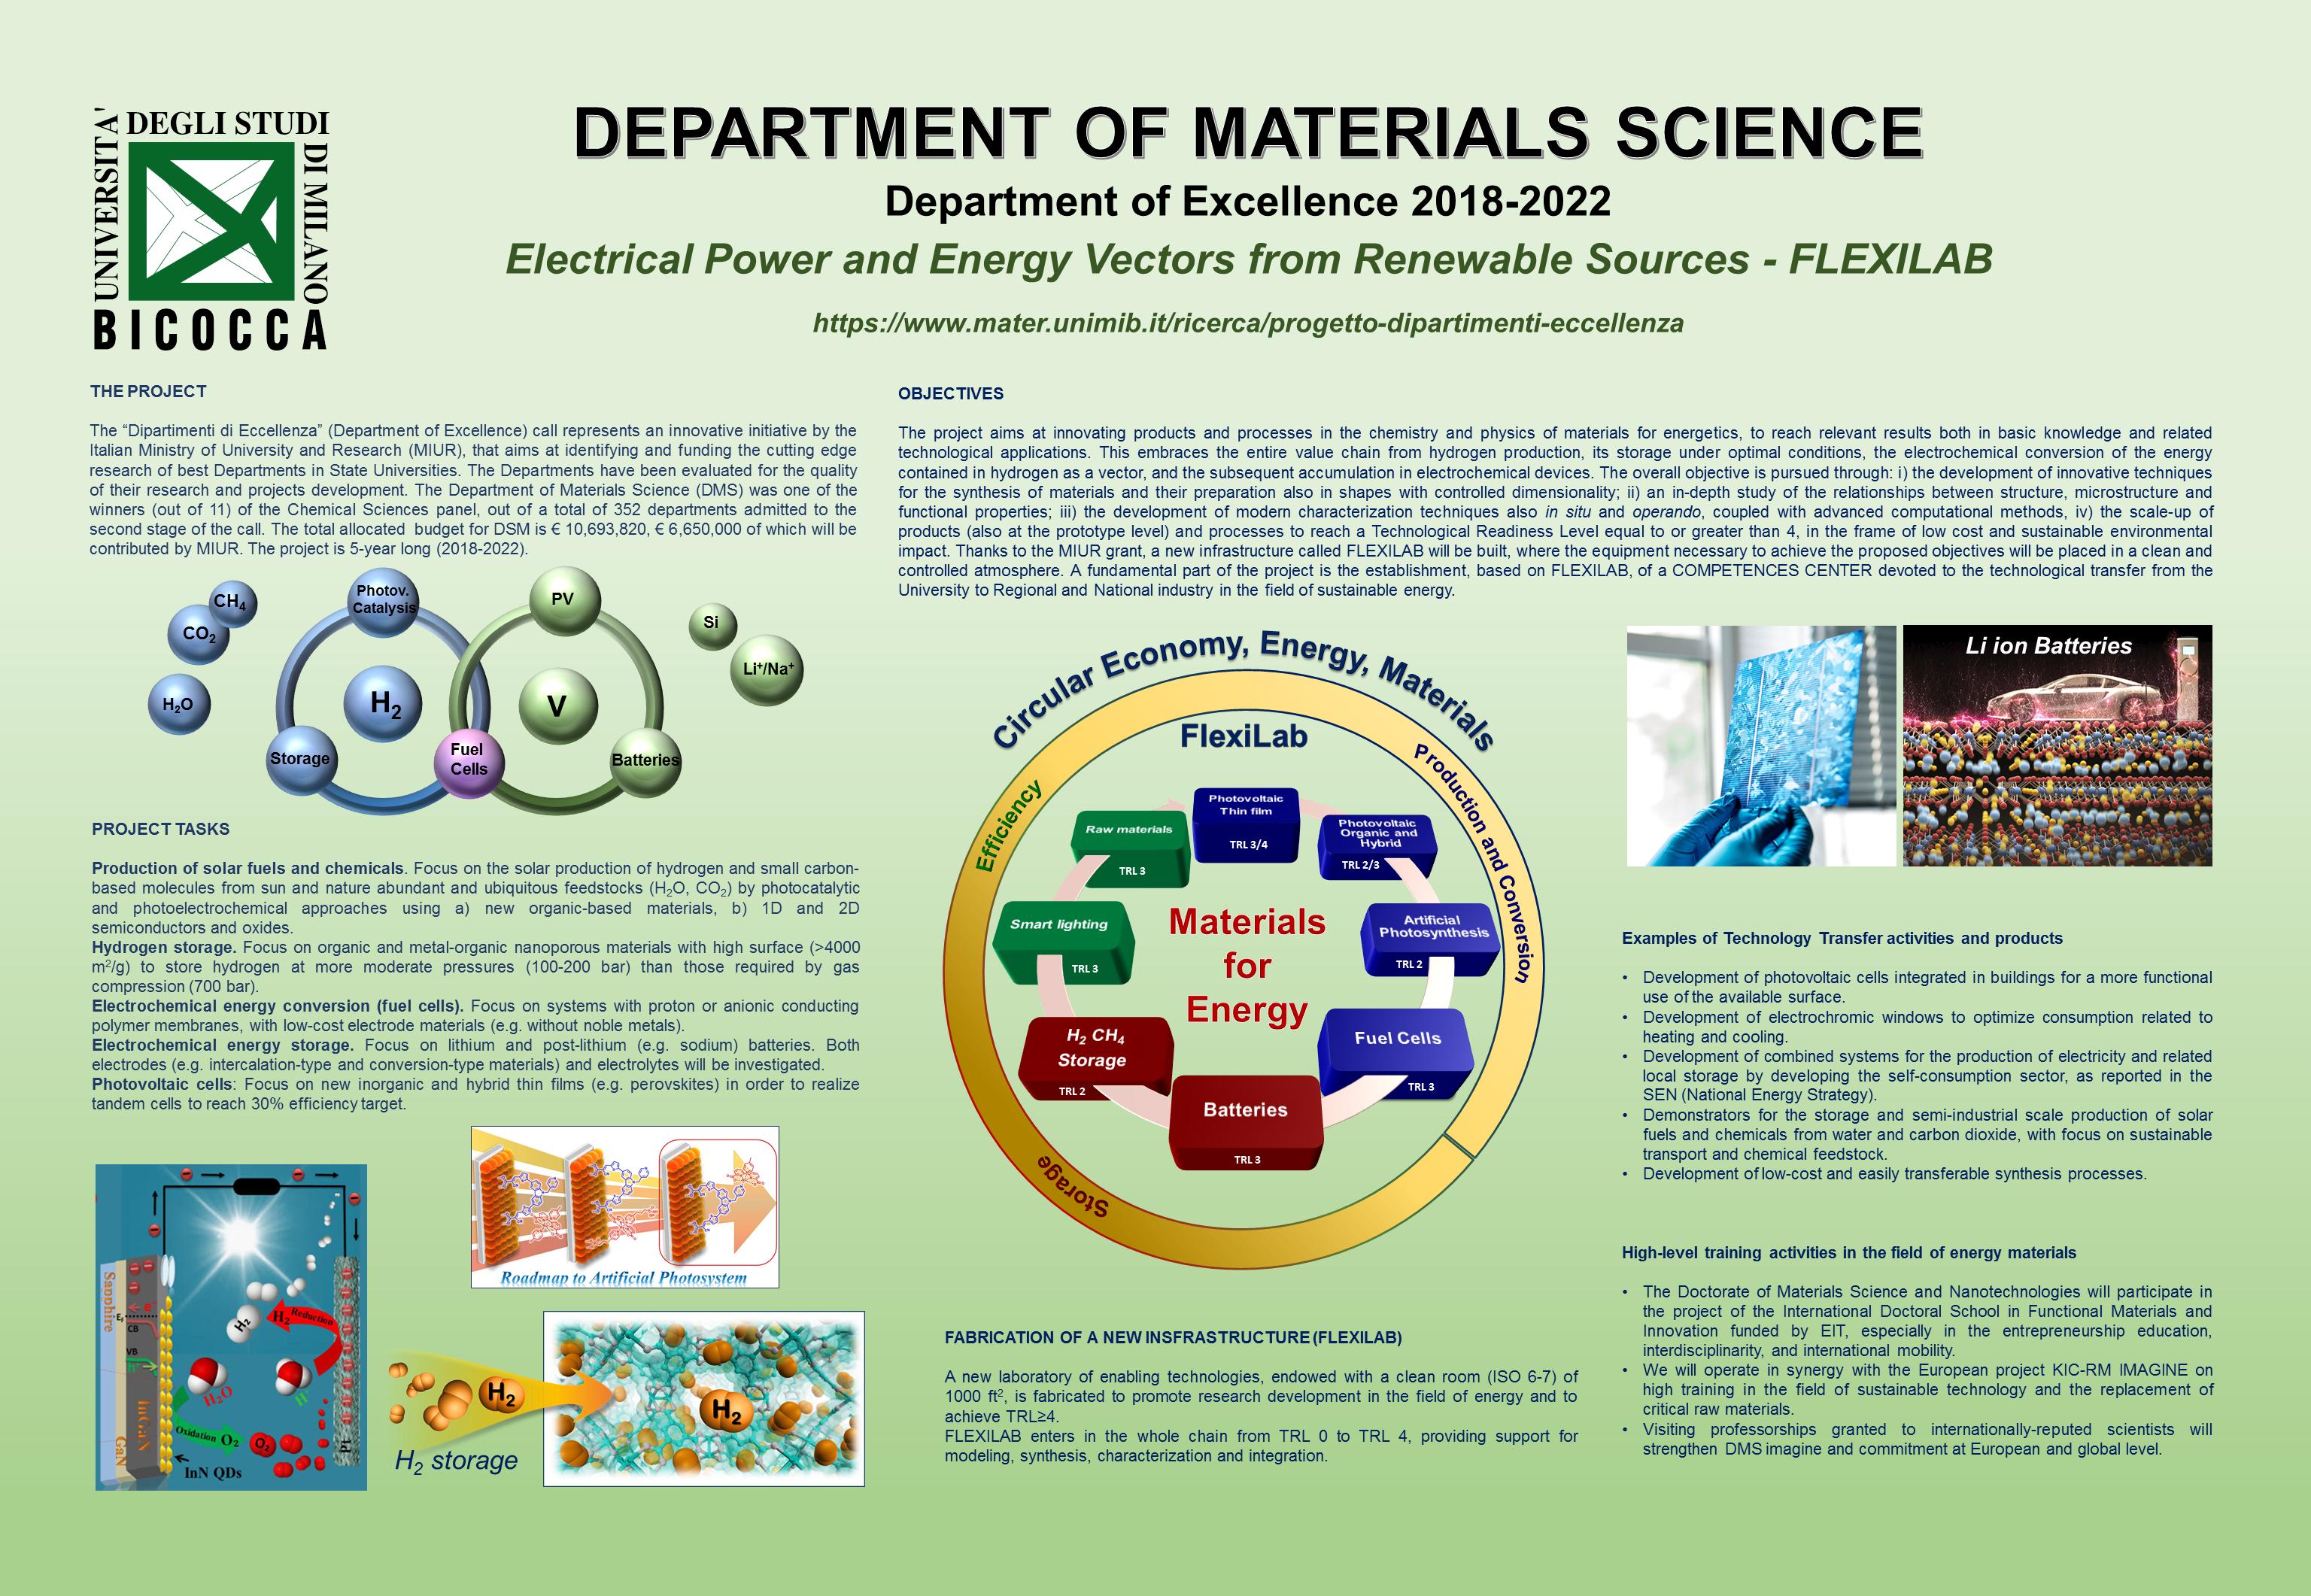 energia sostenibile, economia circolare, celle a combustibile